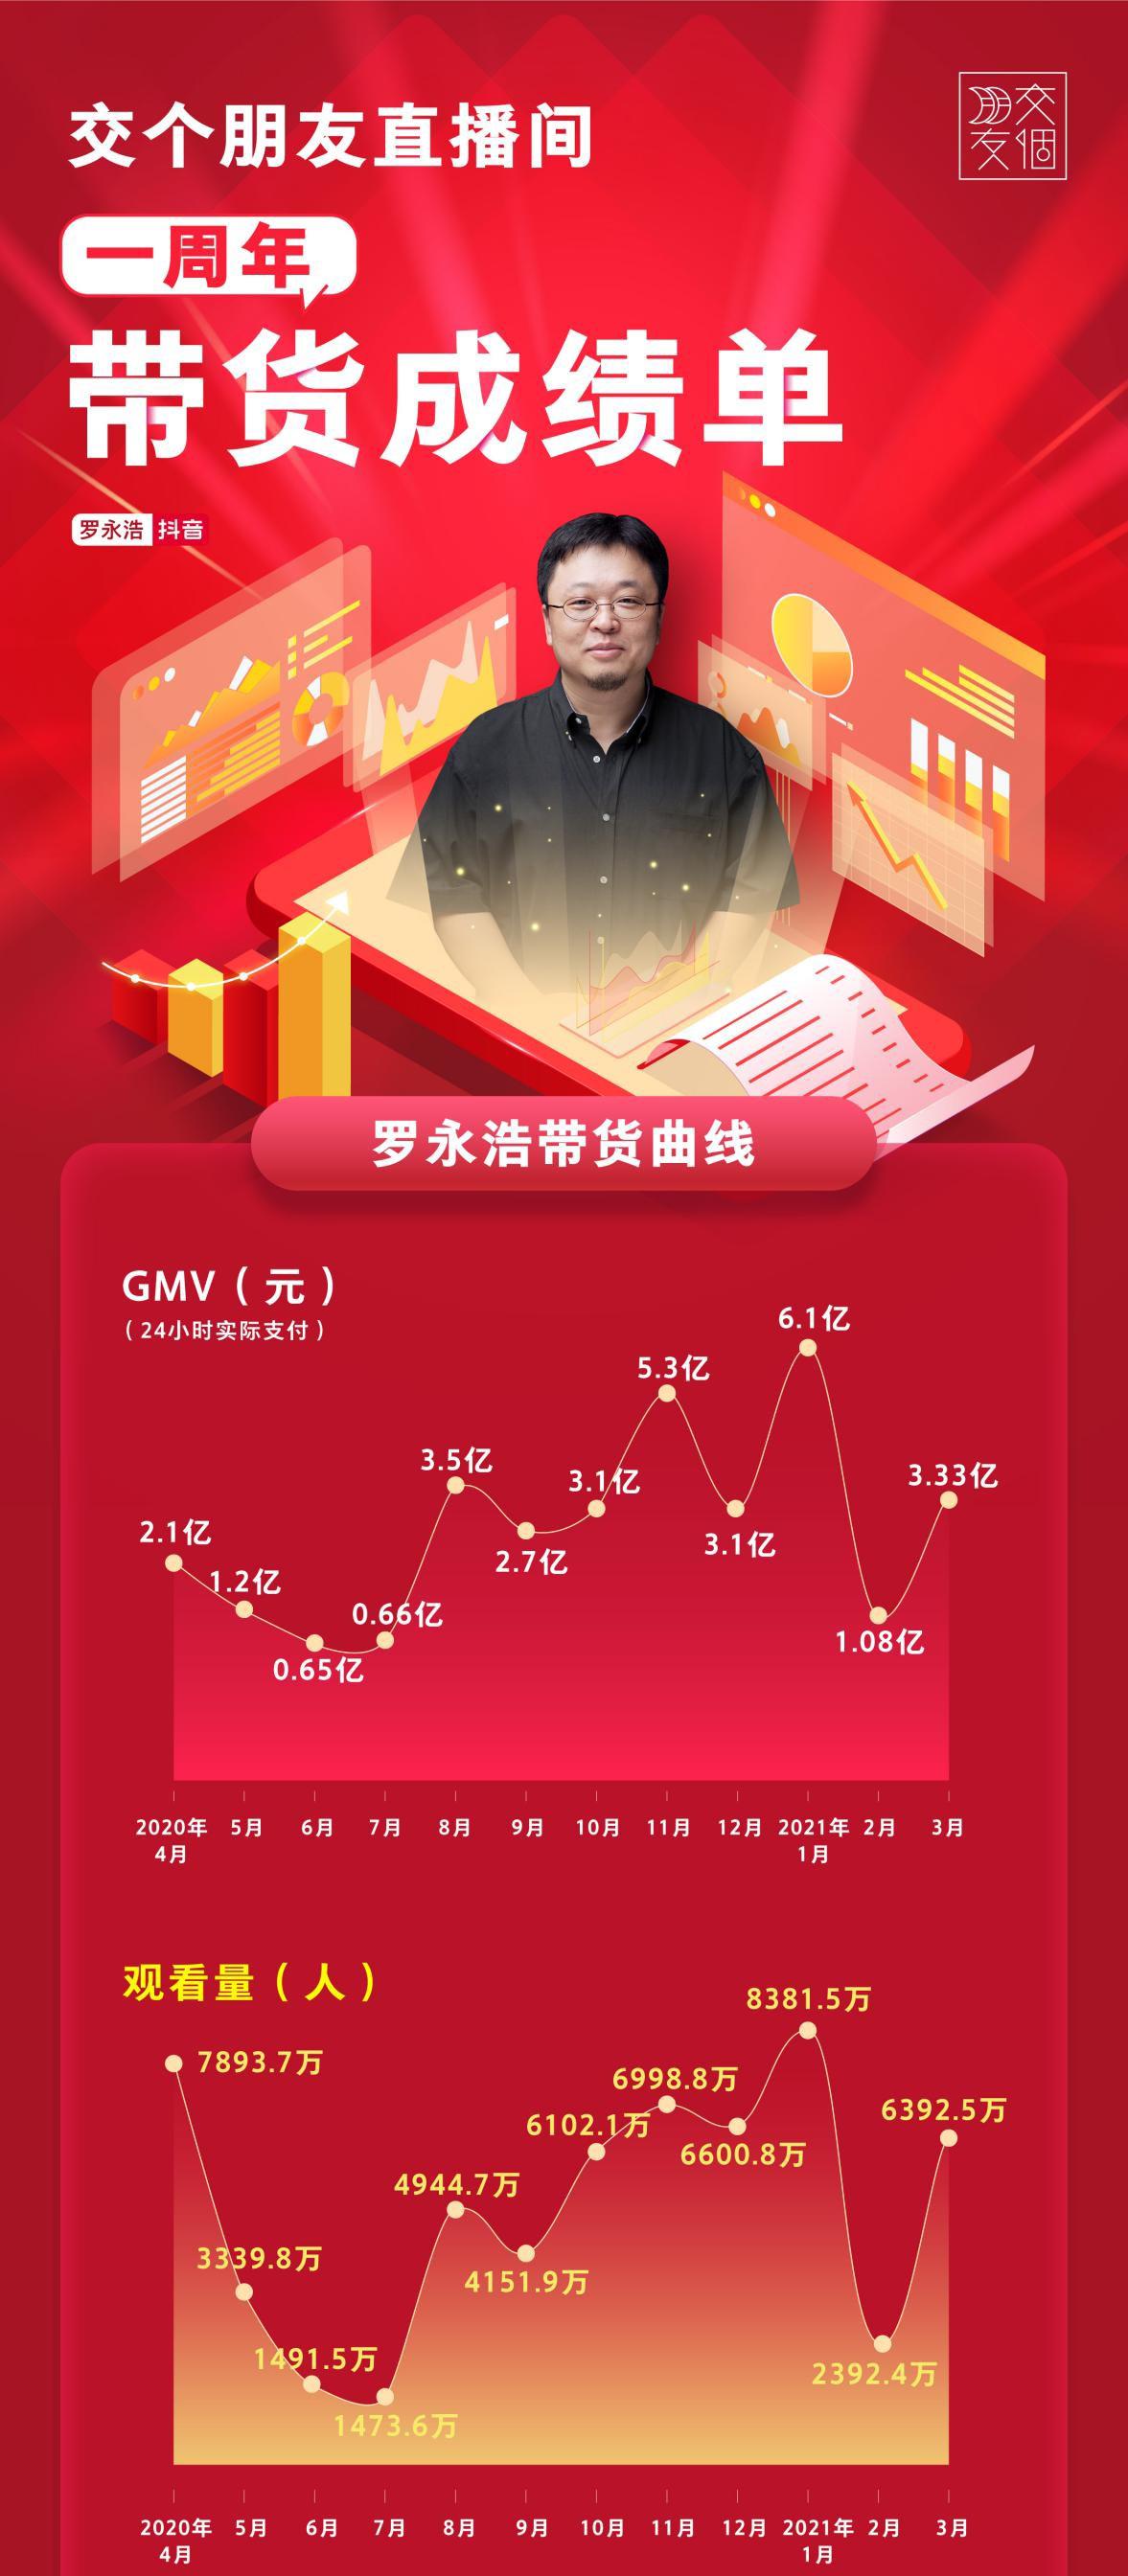 交个朋友直播一周年场2.3亿GMV再创新高,全年GMV近35亿